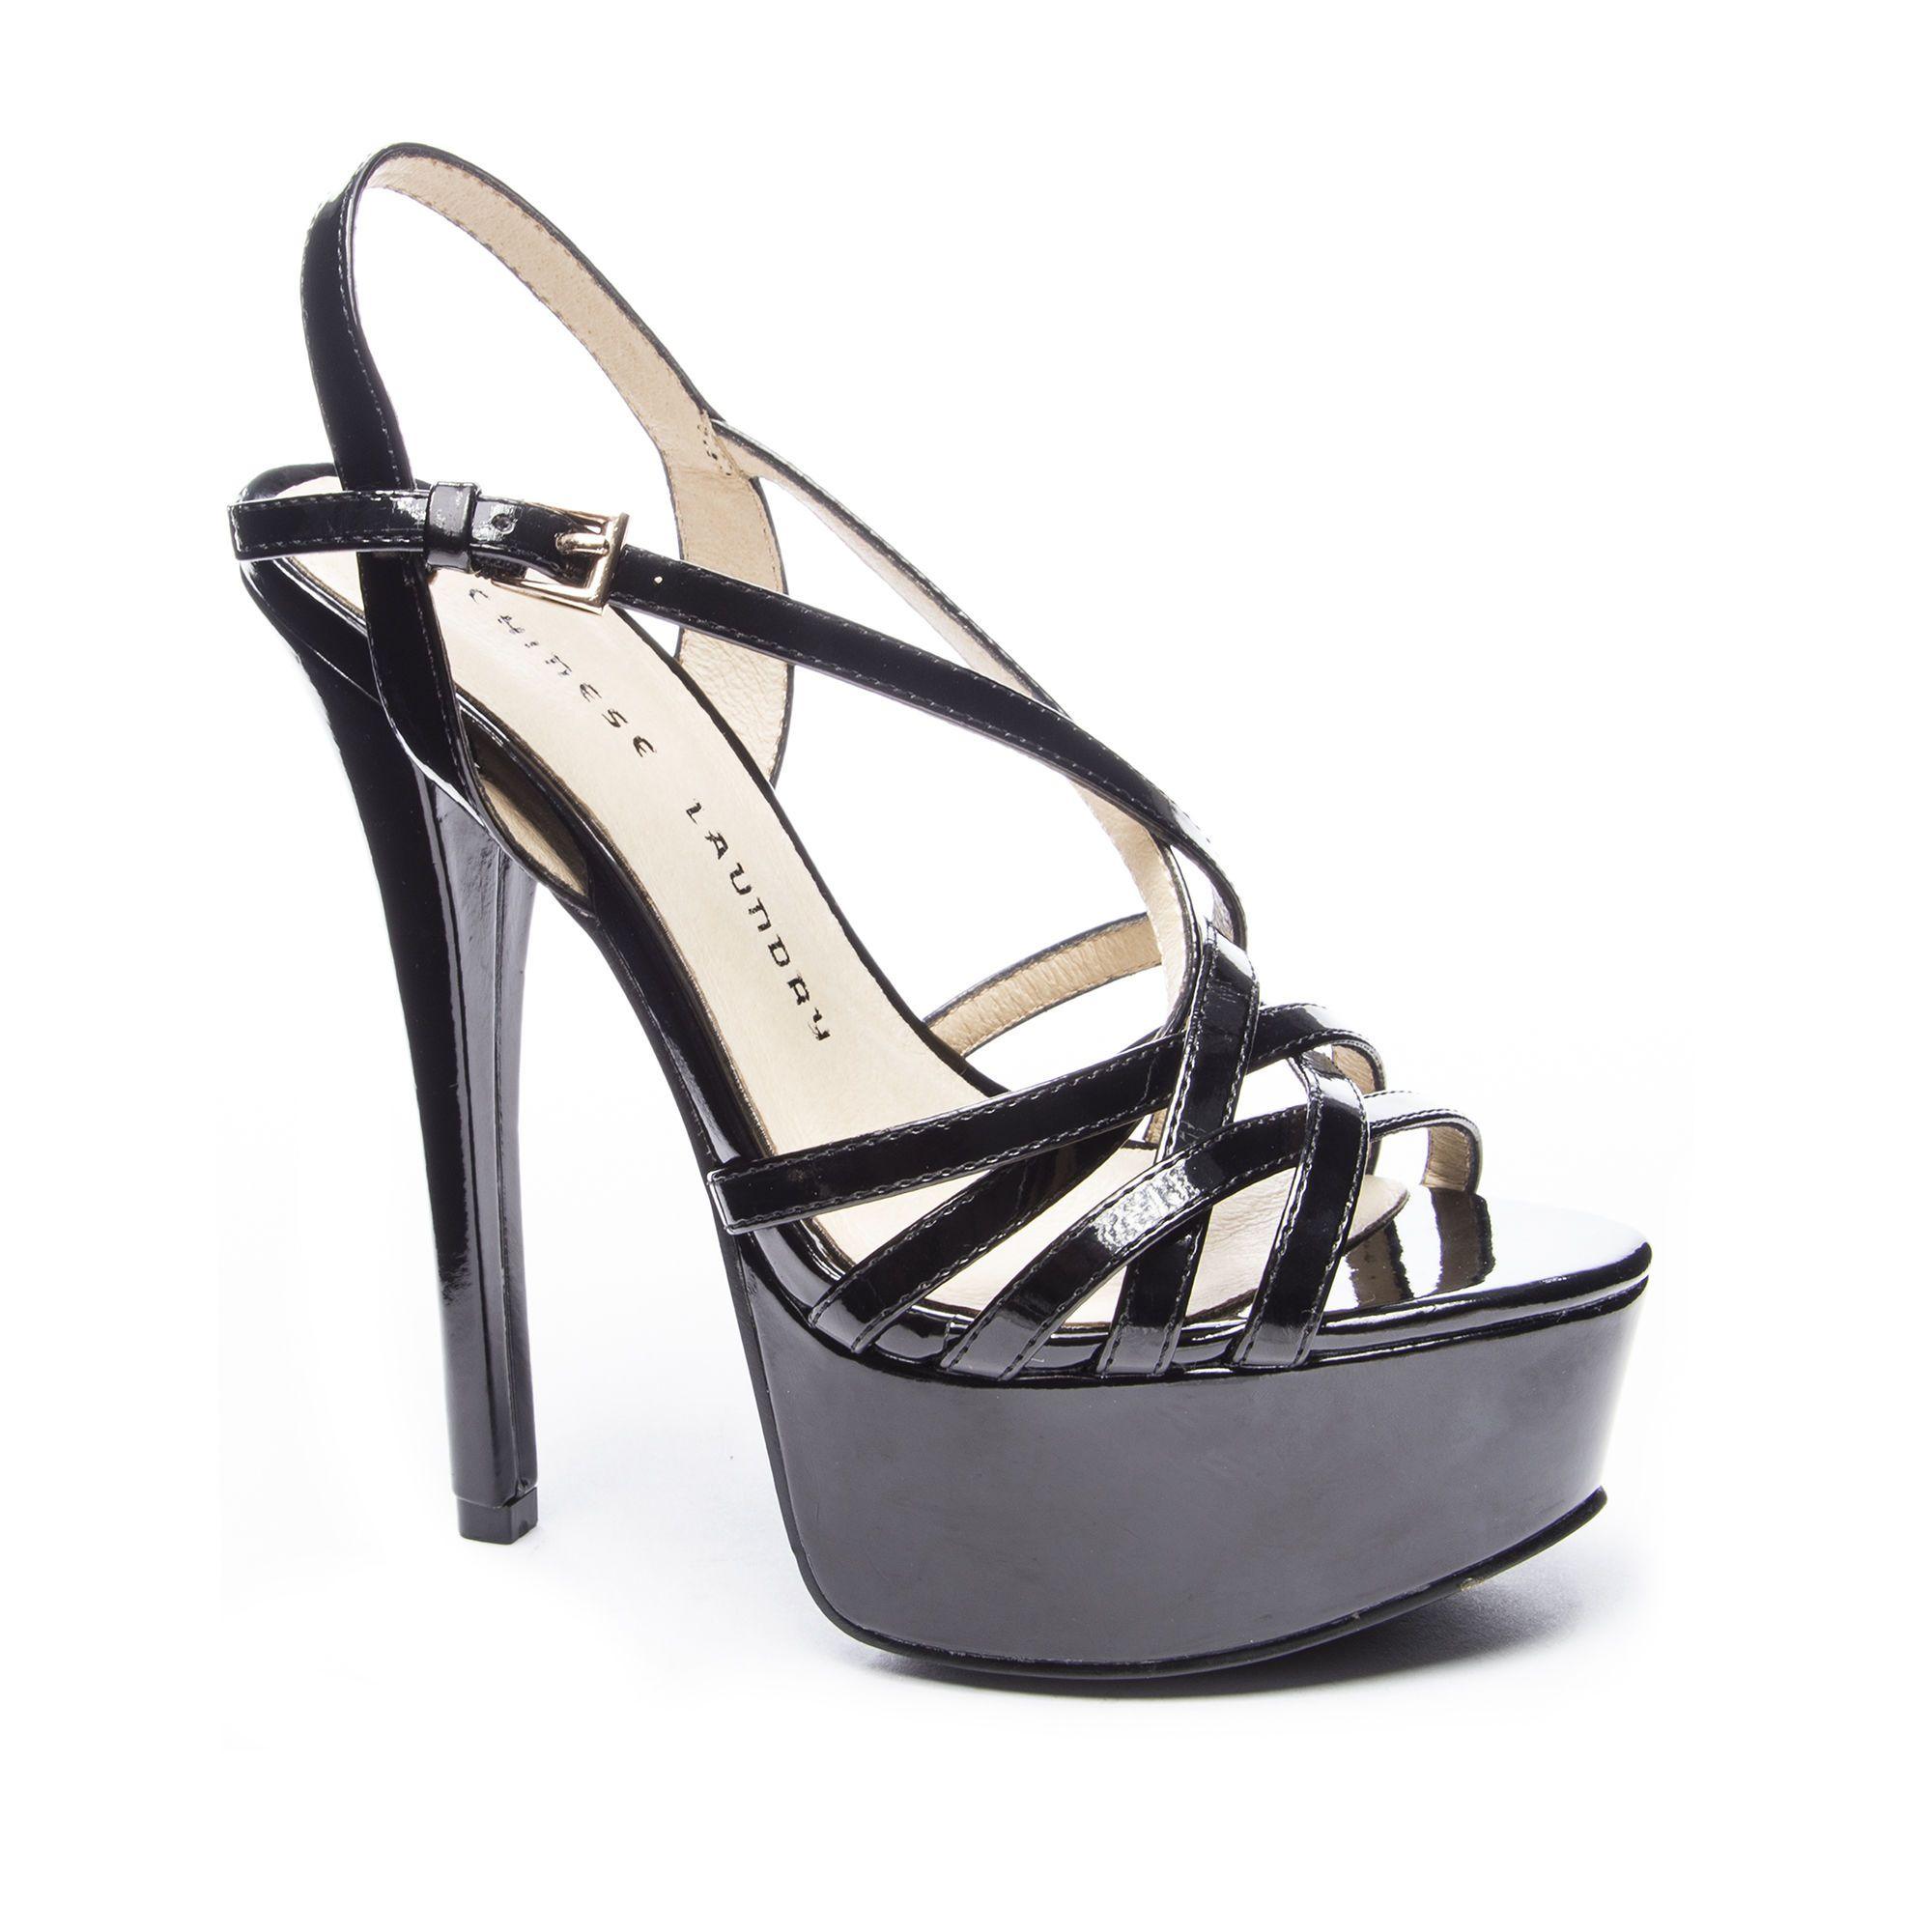 Teaser Platform Sandal Strappy Platform Sandals Platform Sandals Stiletto Sandals